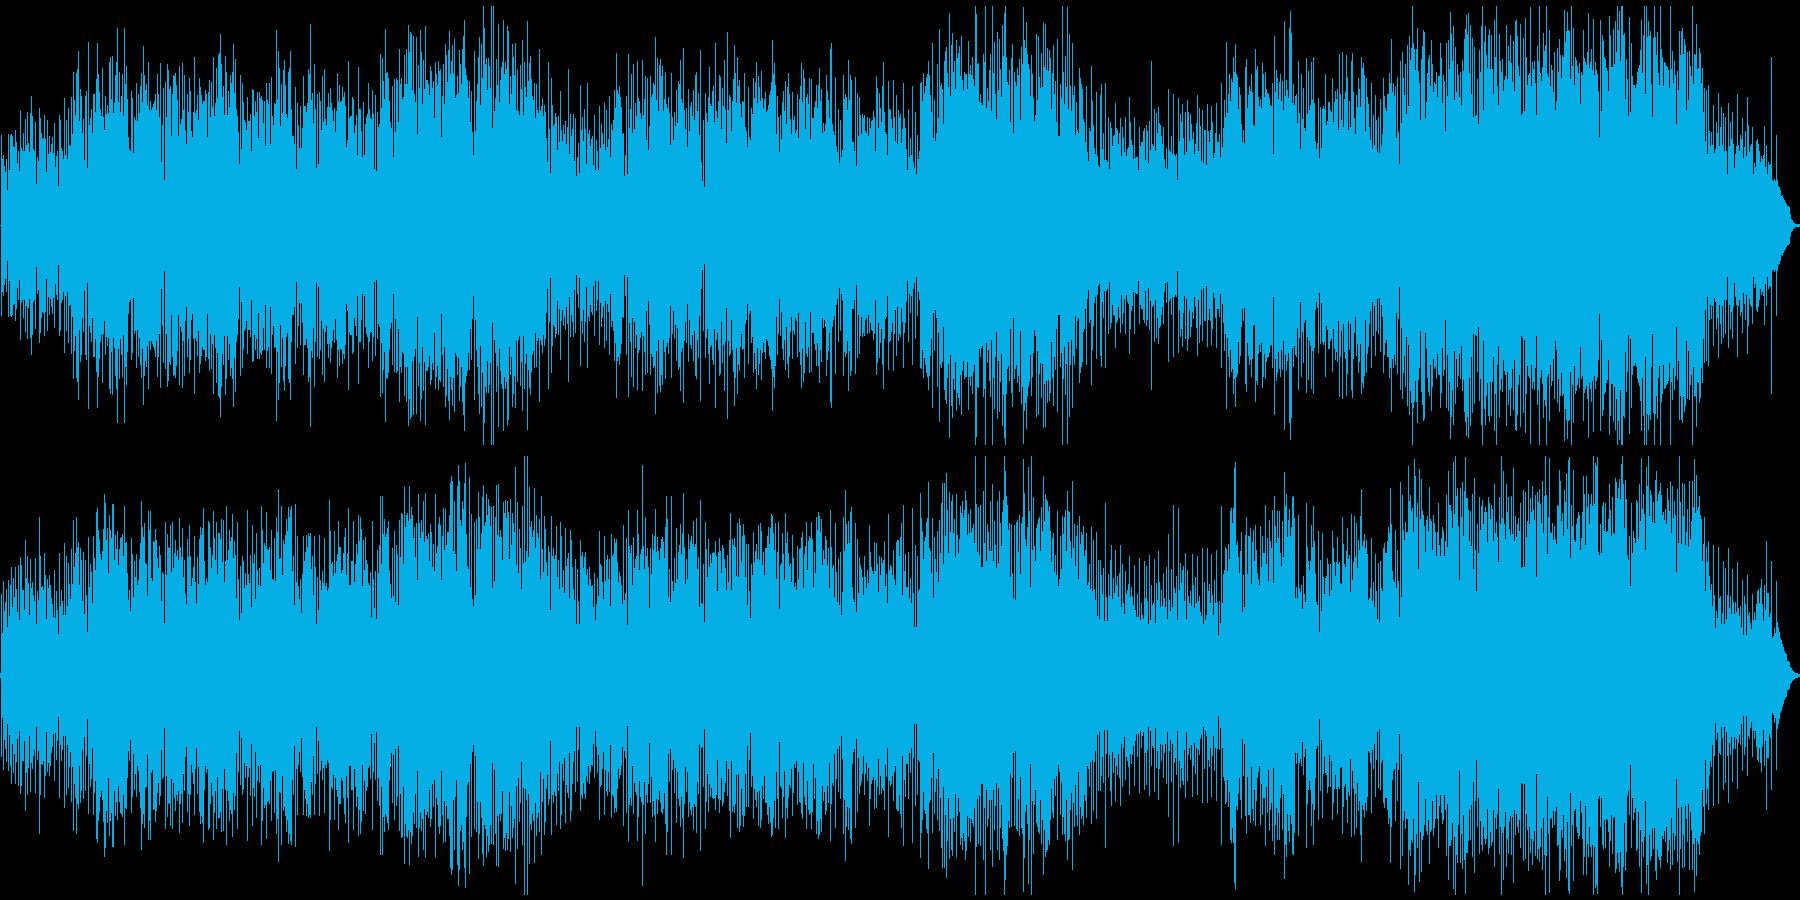 フルートが印象的で心癒され元気になれる歌の再生済みの波形